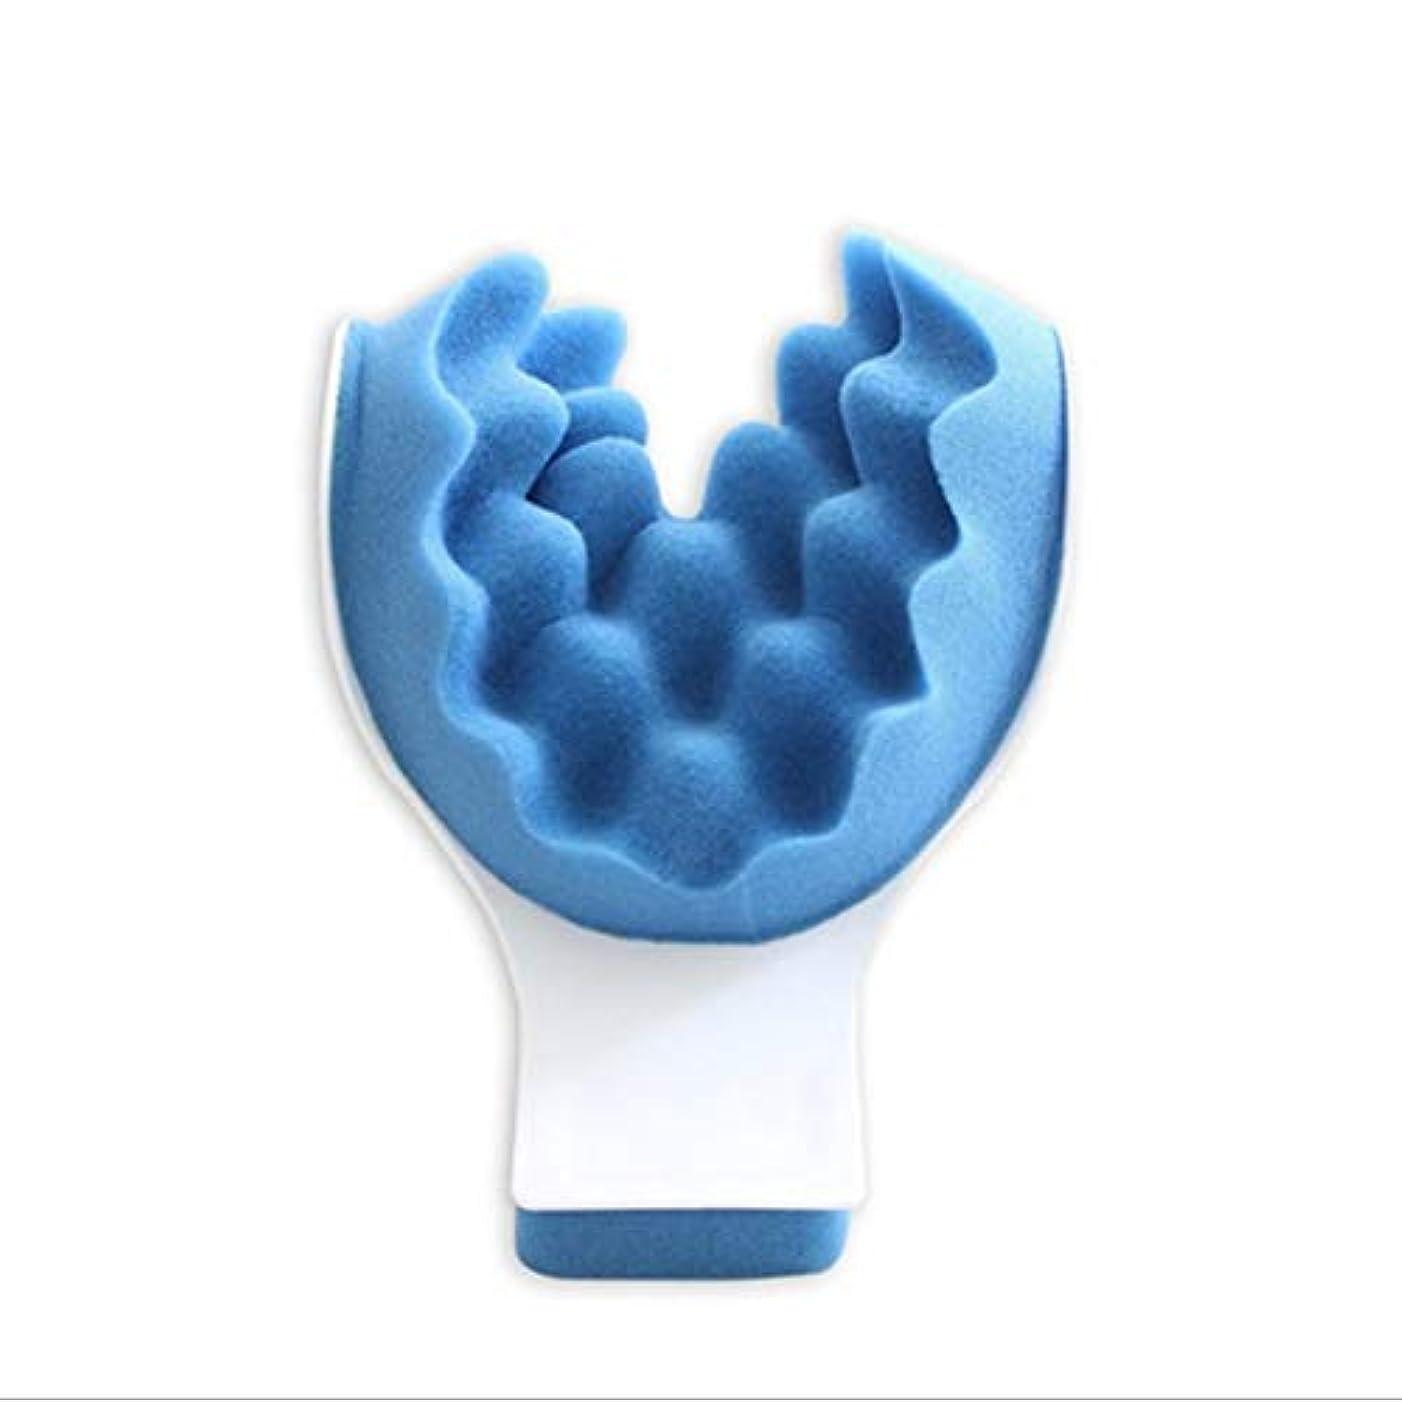 タフ表向きナンセンスマッスルテンションリリーフタイトネスと痛みの緩和セラピーティックネックサポートテンションリリーフネック&ショルダーリラクサー - ブルー